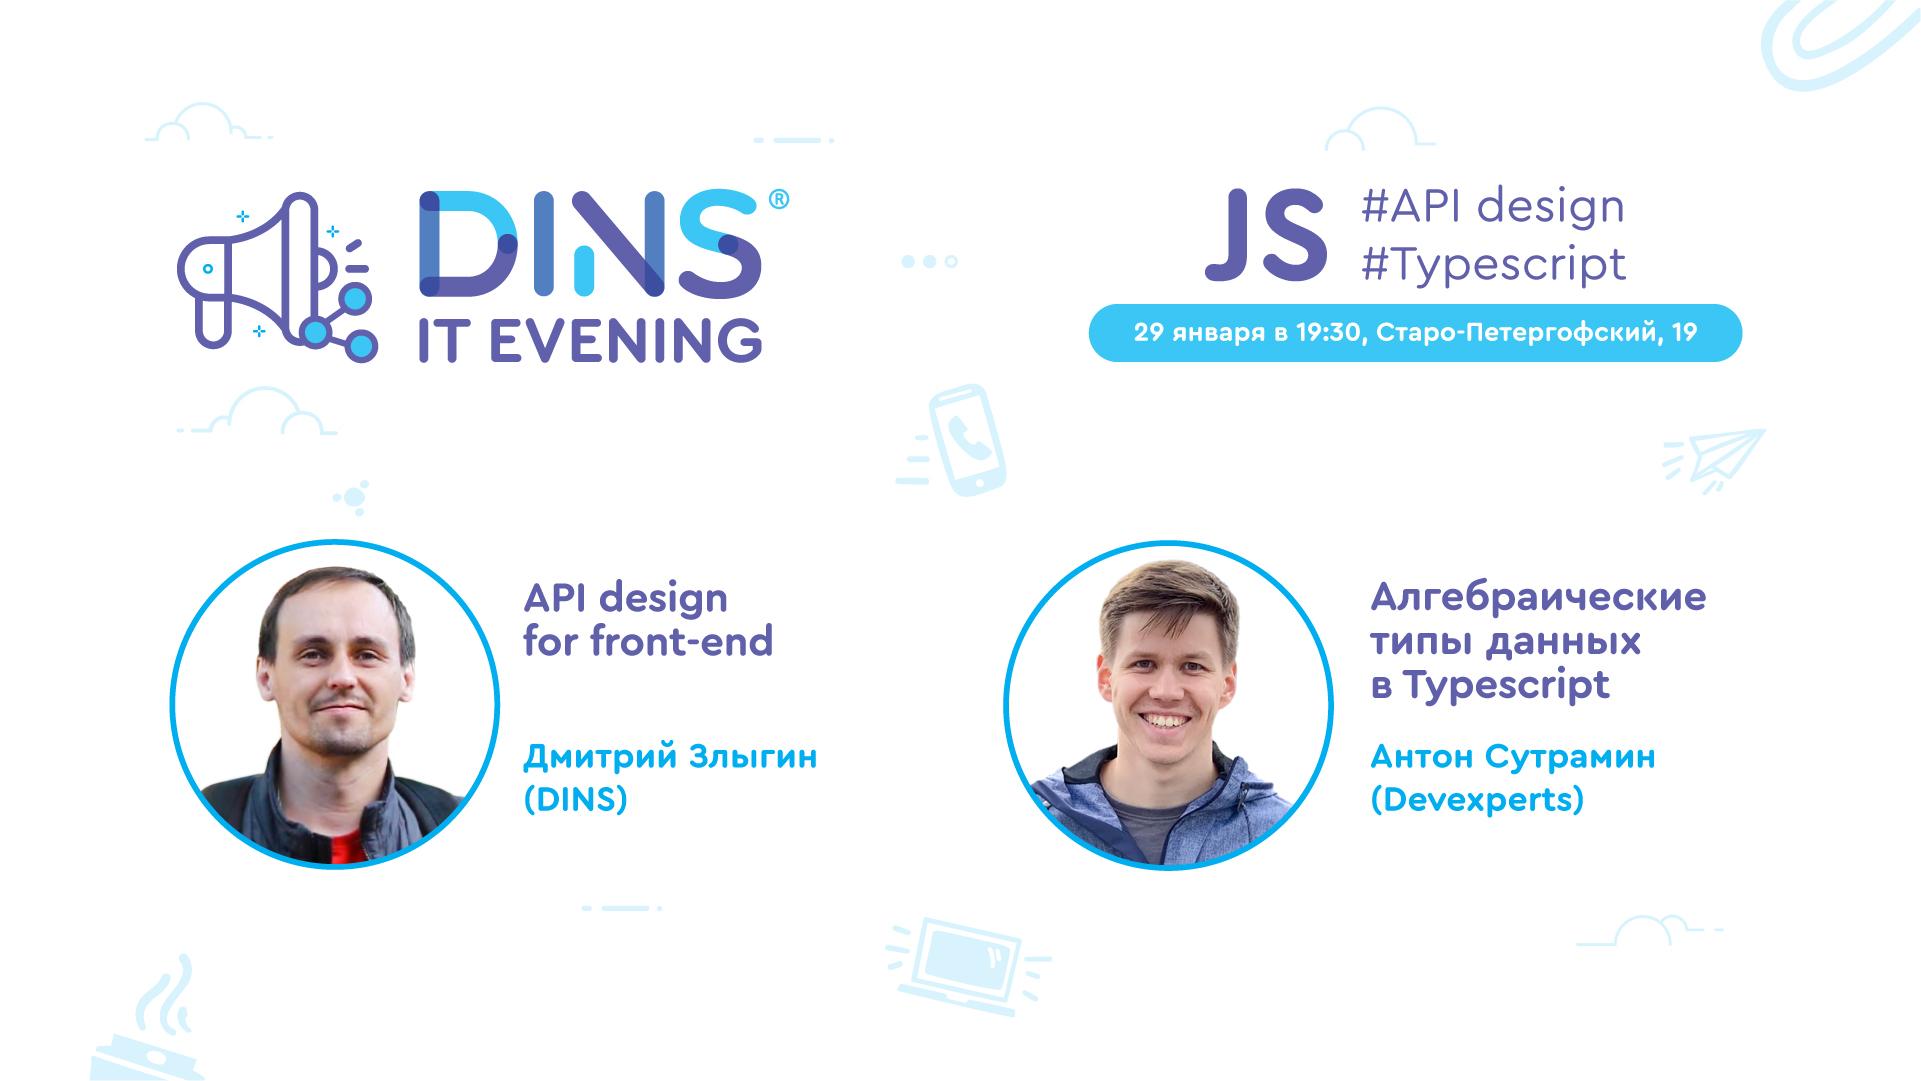 Приглашаем на DINS JavaScript EVENING: говорим про дизайн API и решаем проблемы при помощи алгебраических типов данных